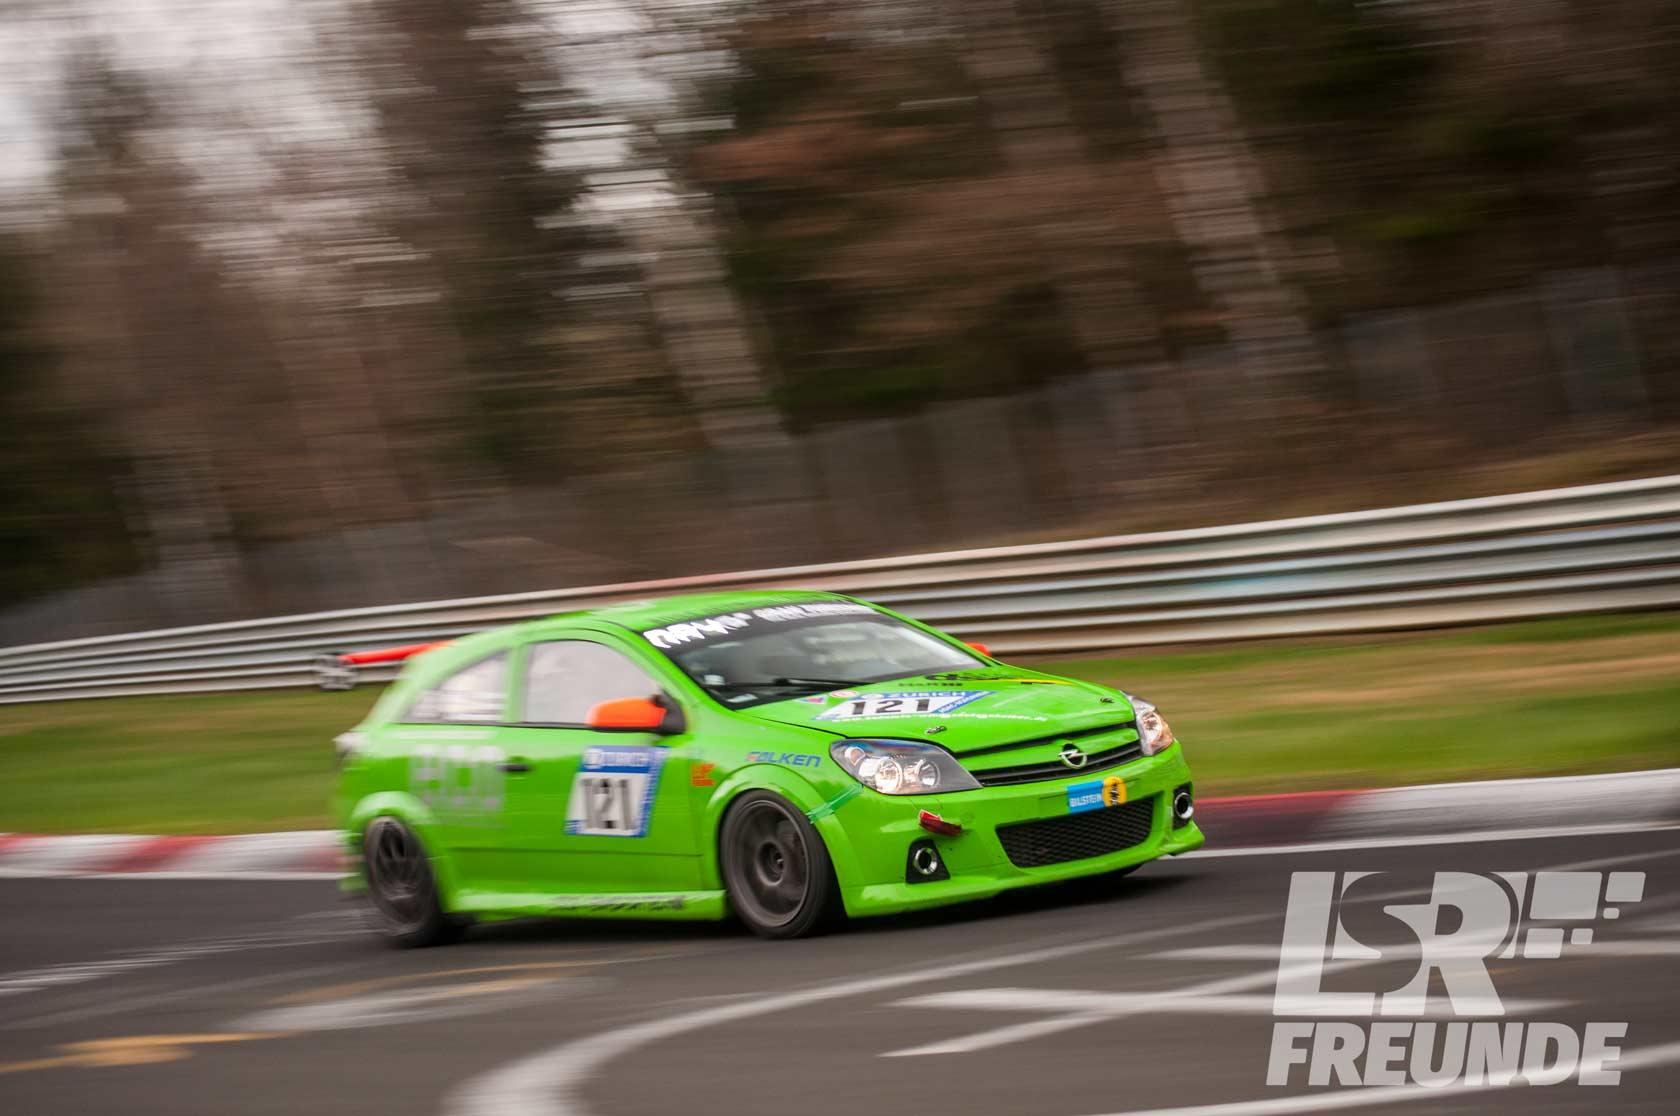 Eifelfrosch Stock Rennsport Astra GTC